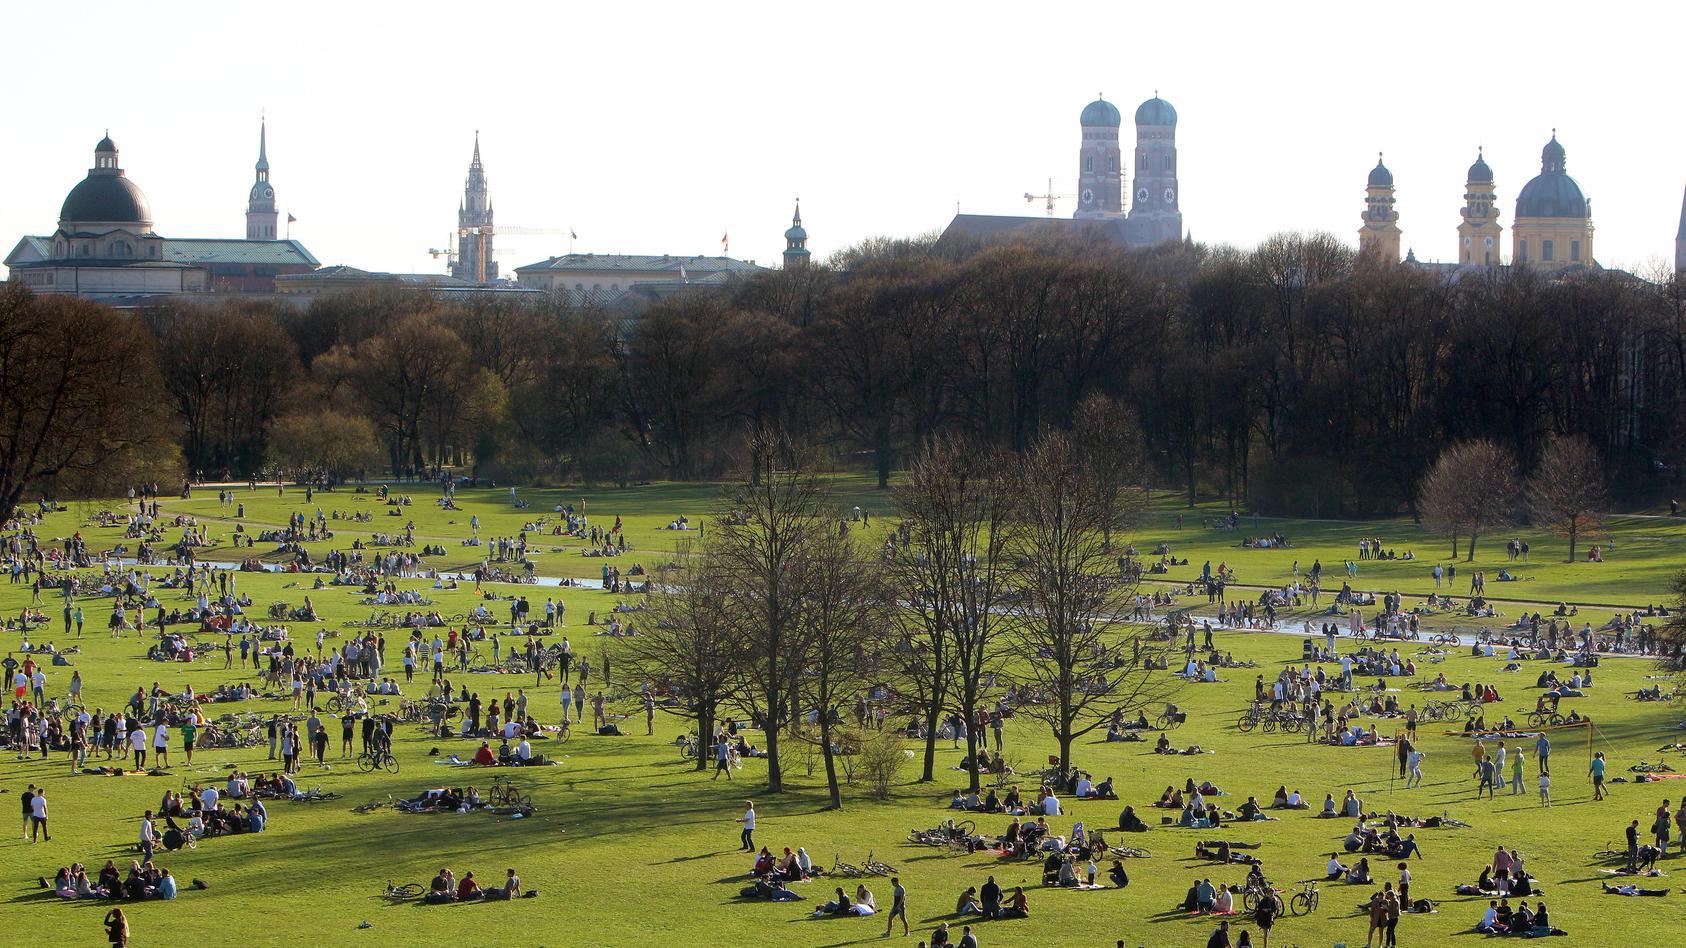 Im Englischen Garten in München ist am Samstag ein Streit zwischen Jugendlichen und der Polizei eskaliert.